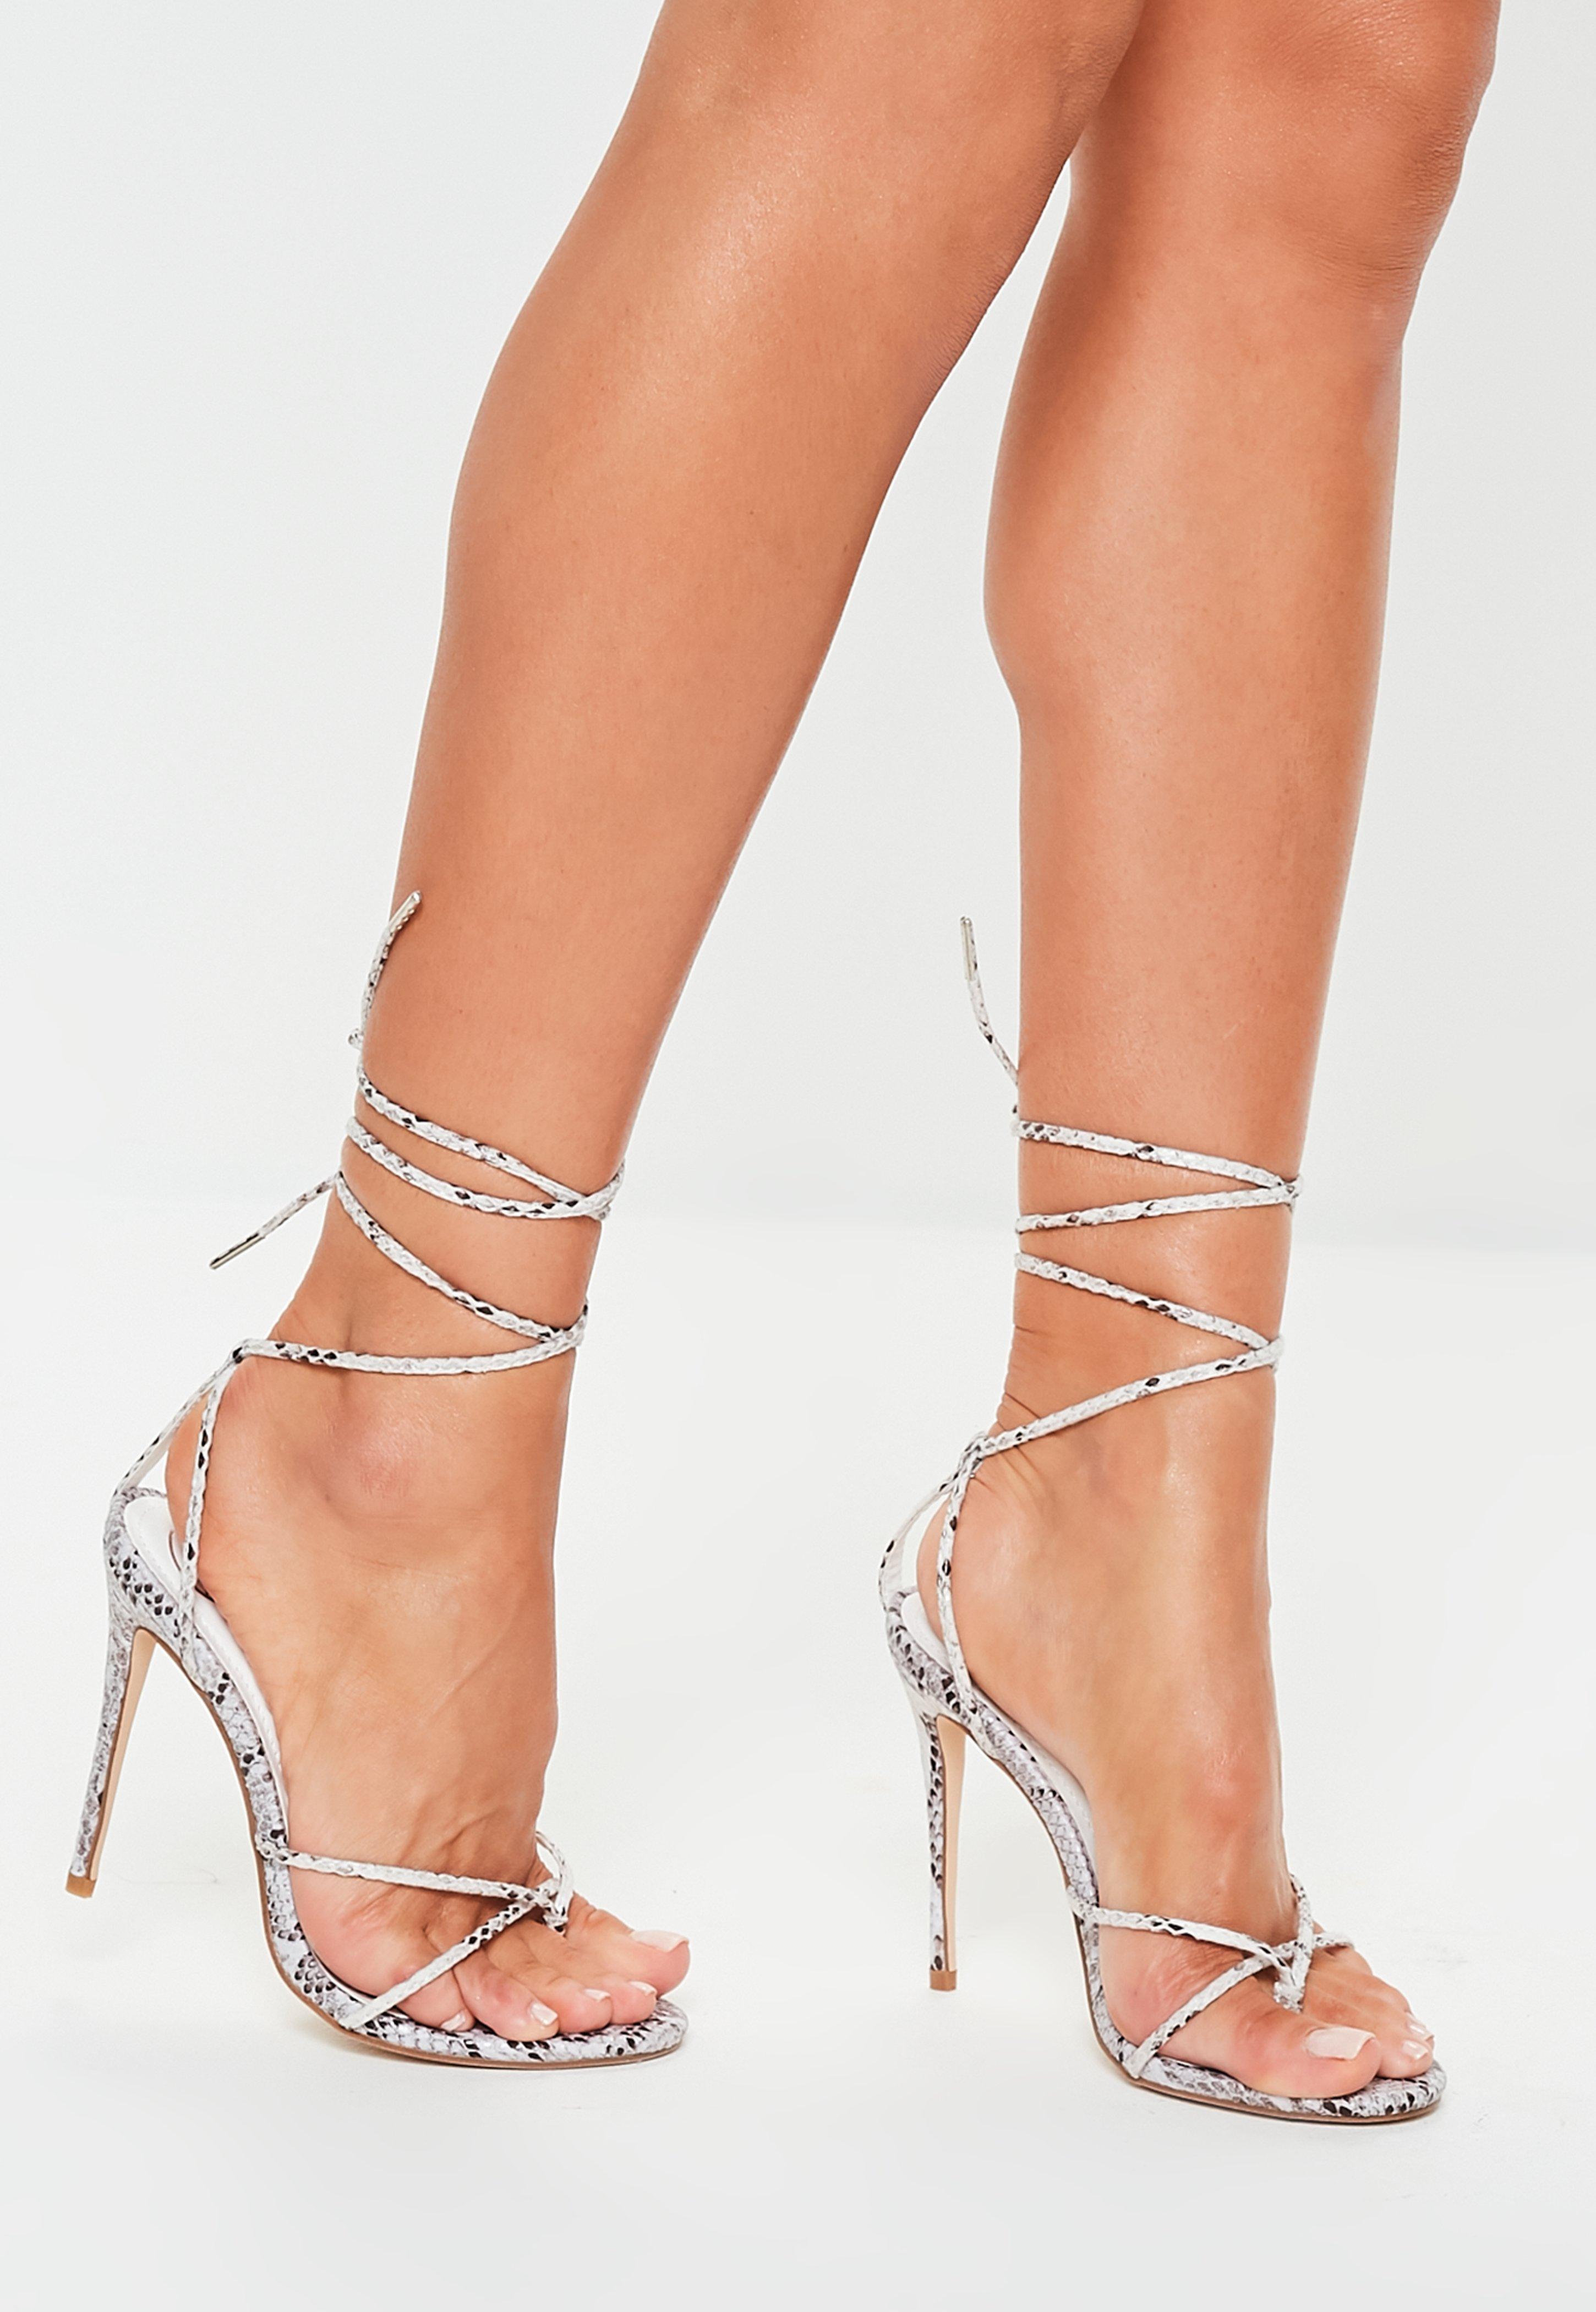 c297b46edf9f6 High Heels